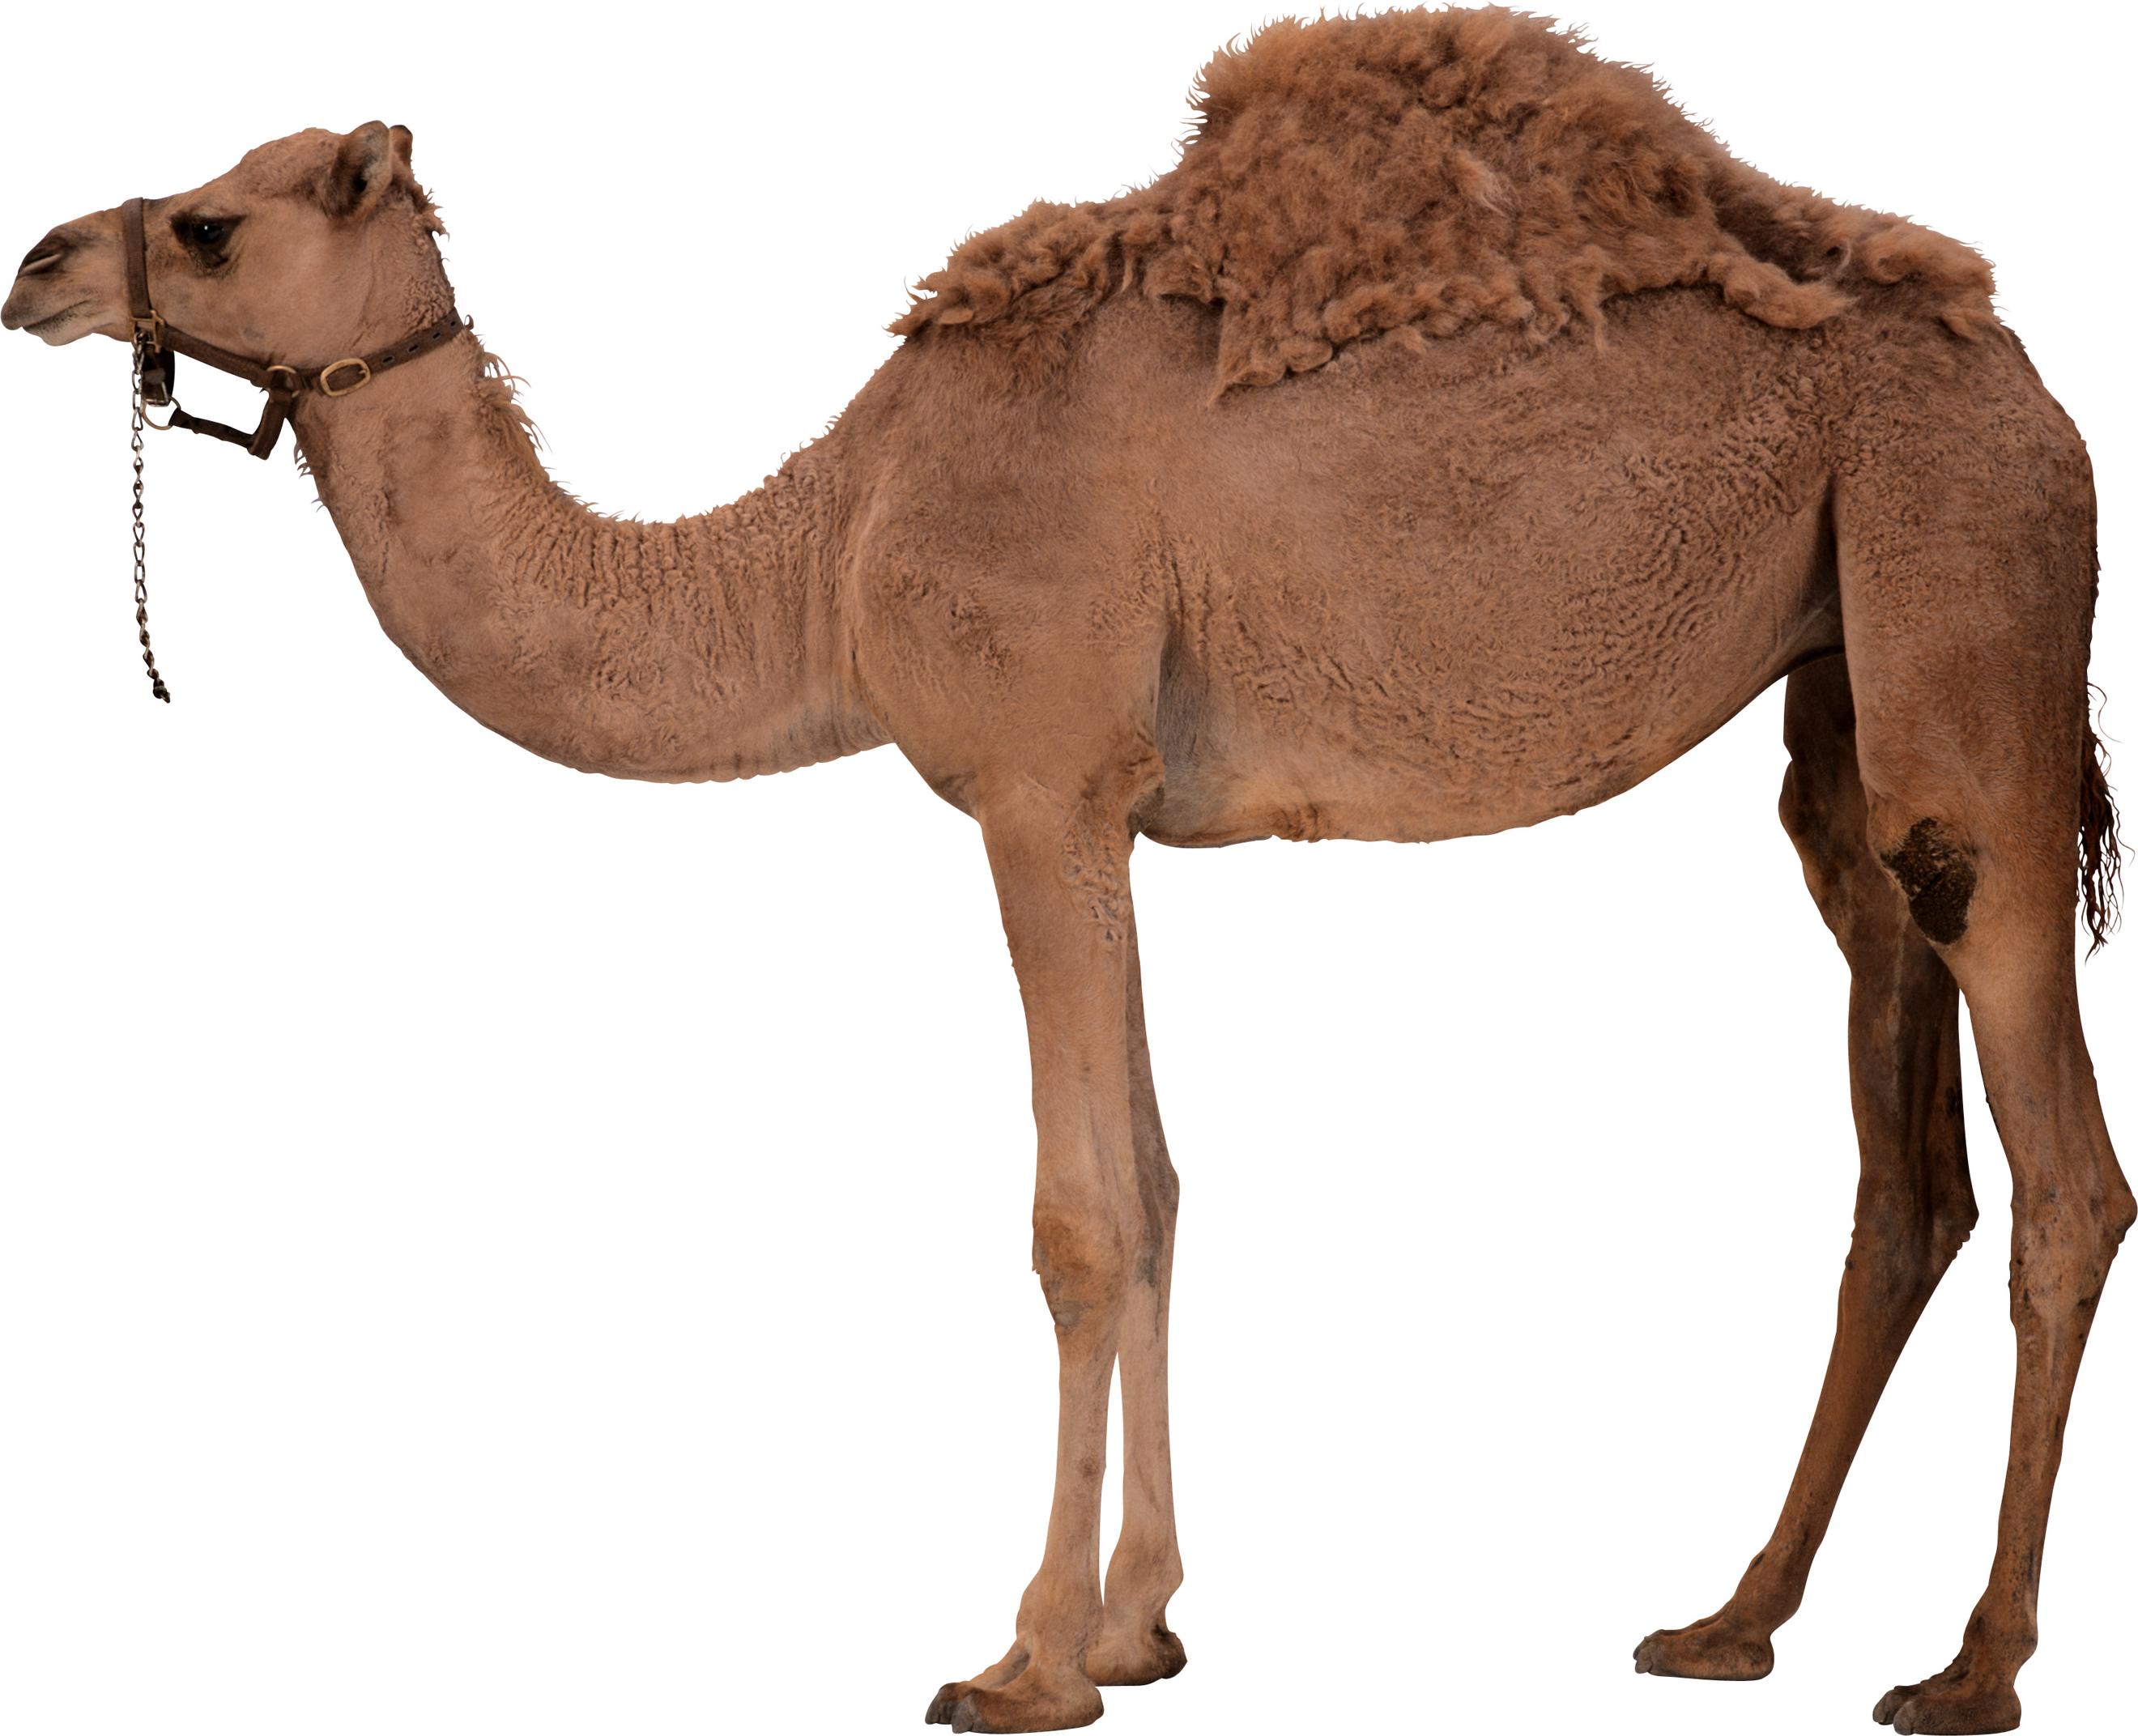 Desert clipart desert arabian. Camel standing png image